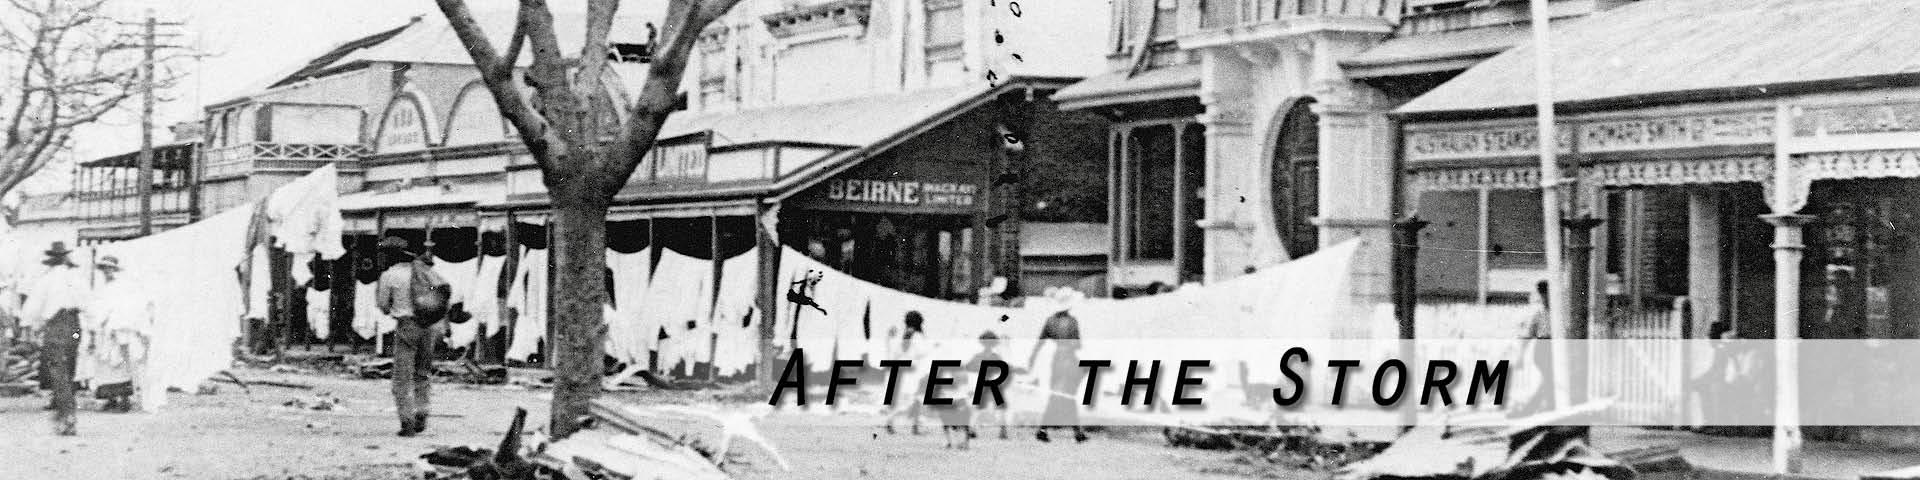 After the storm slider 02